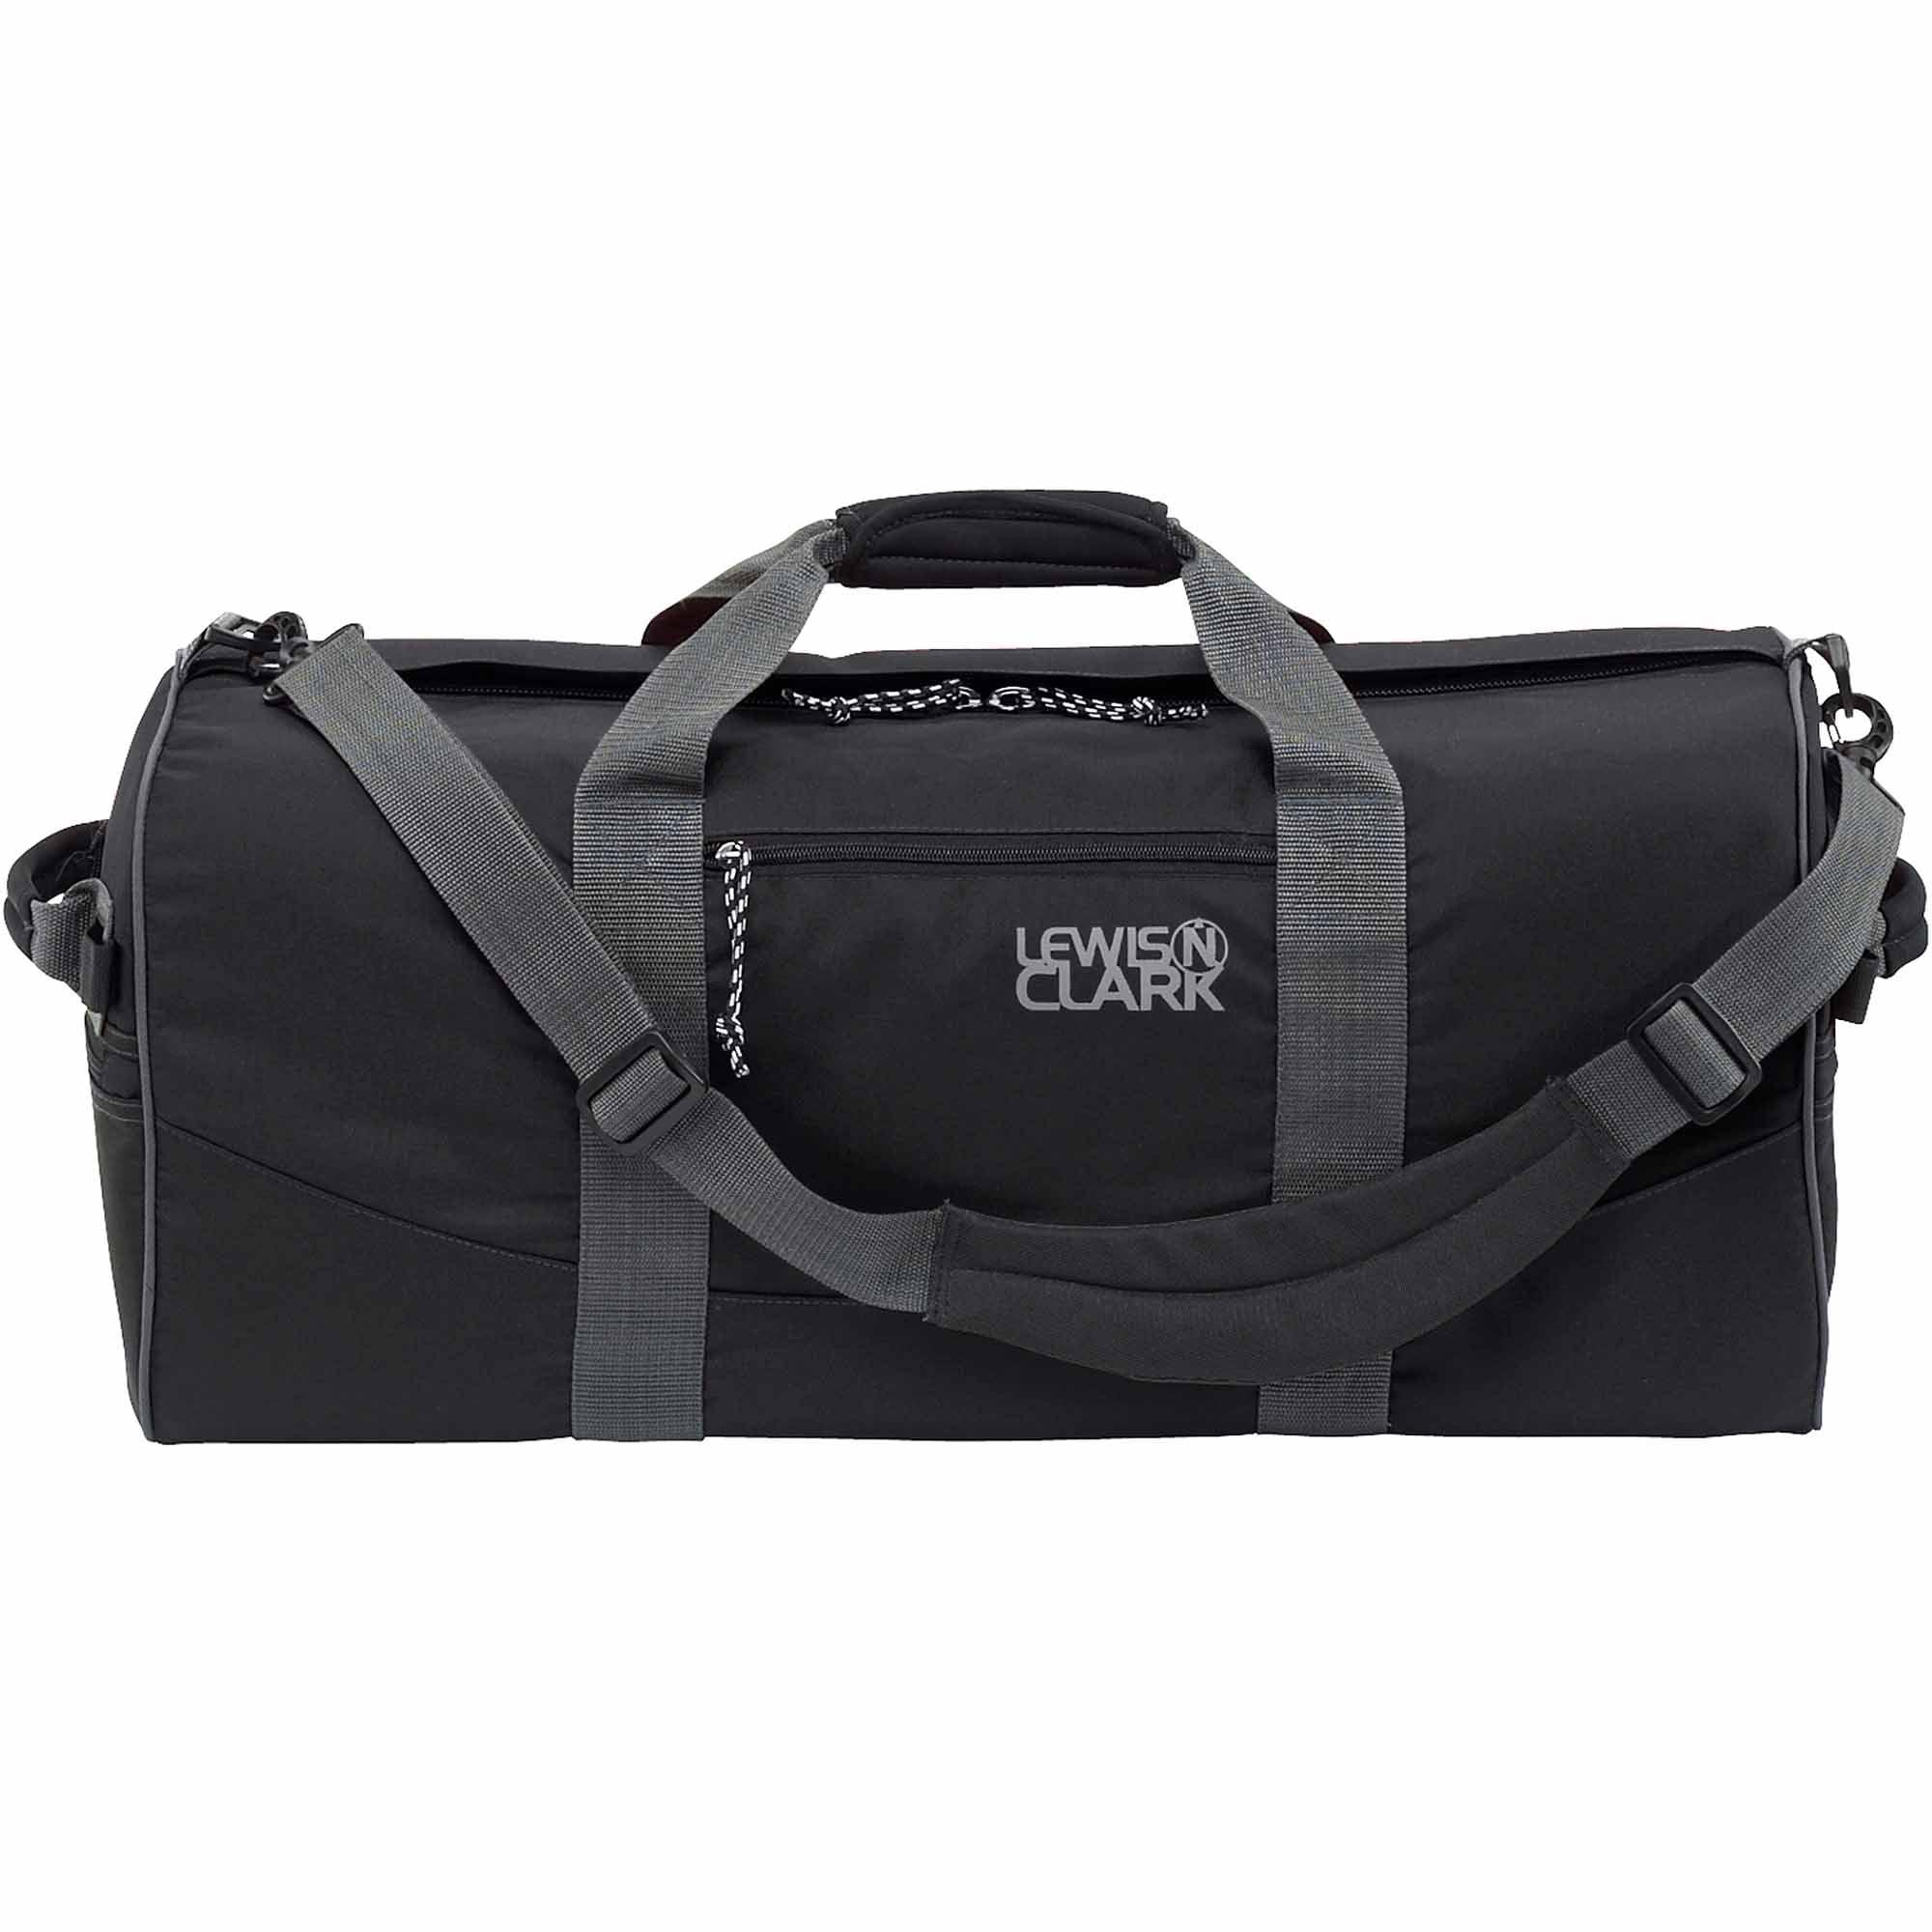 Lewis N. Clark Duffel Bag, Black